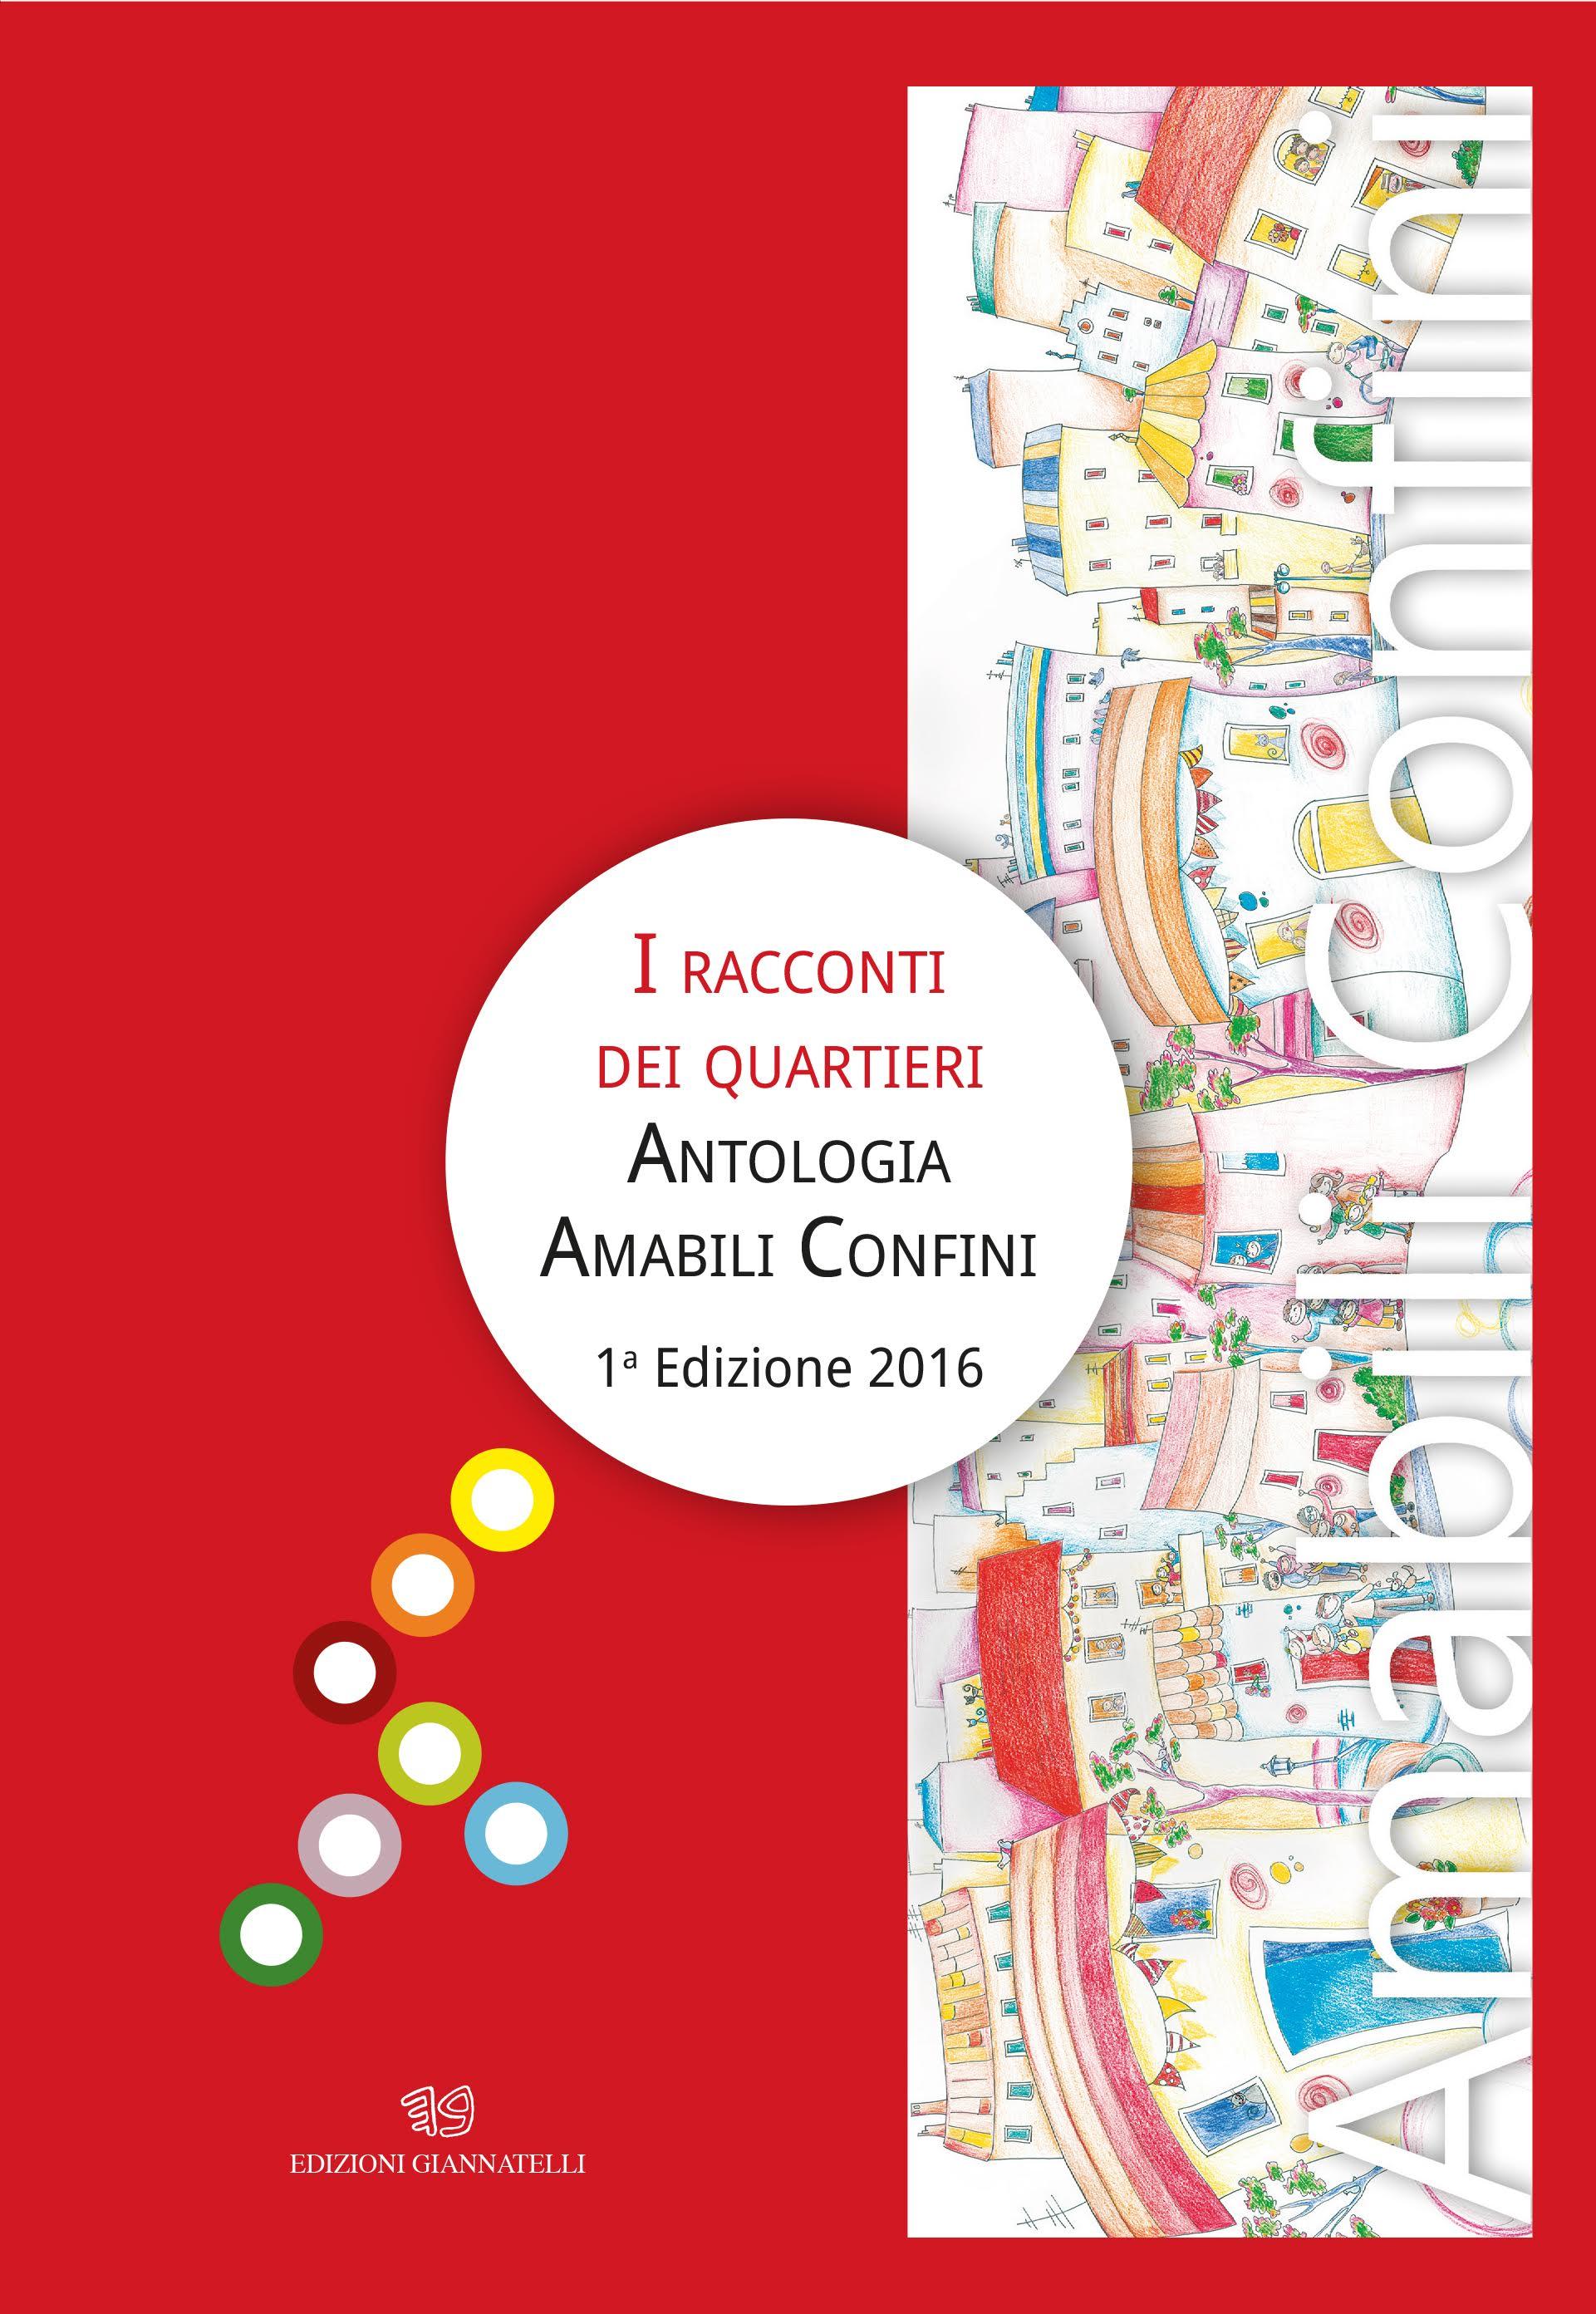 Pronta l'antologia dei racconti 2016!